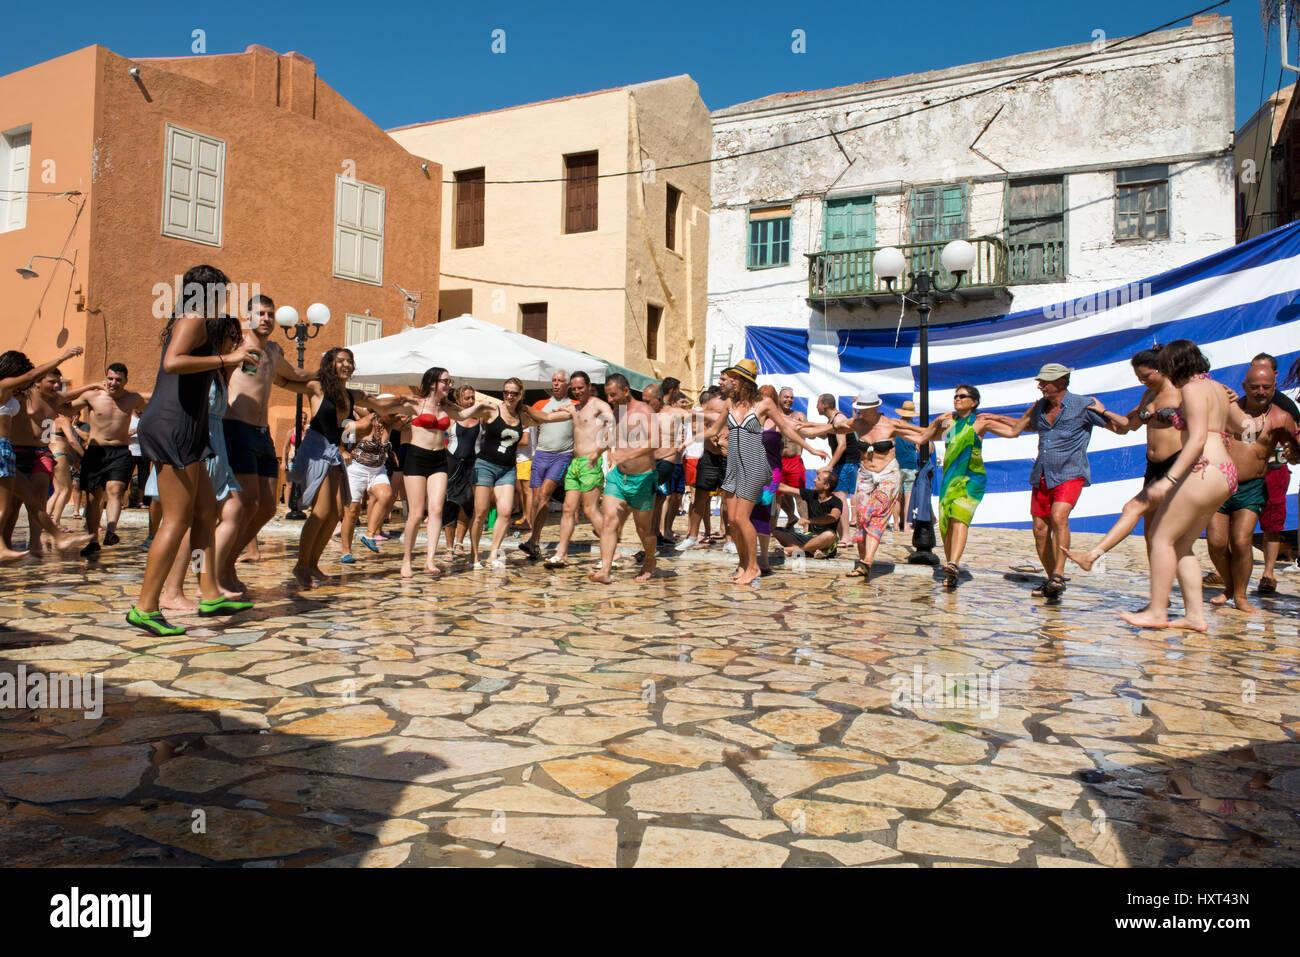 tanzende Menschen in Badekleidung auf Dorfplatz, dahinter farbige Häuser und griechische Fahne, Insel Kastellorizo, - Stock Image